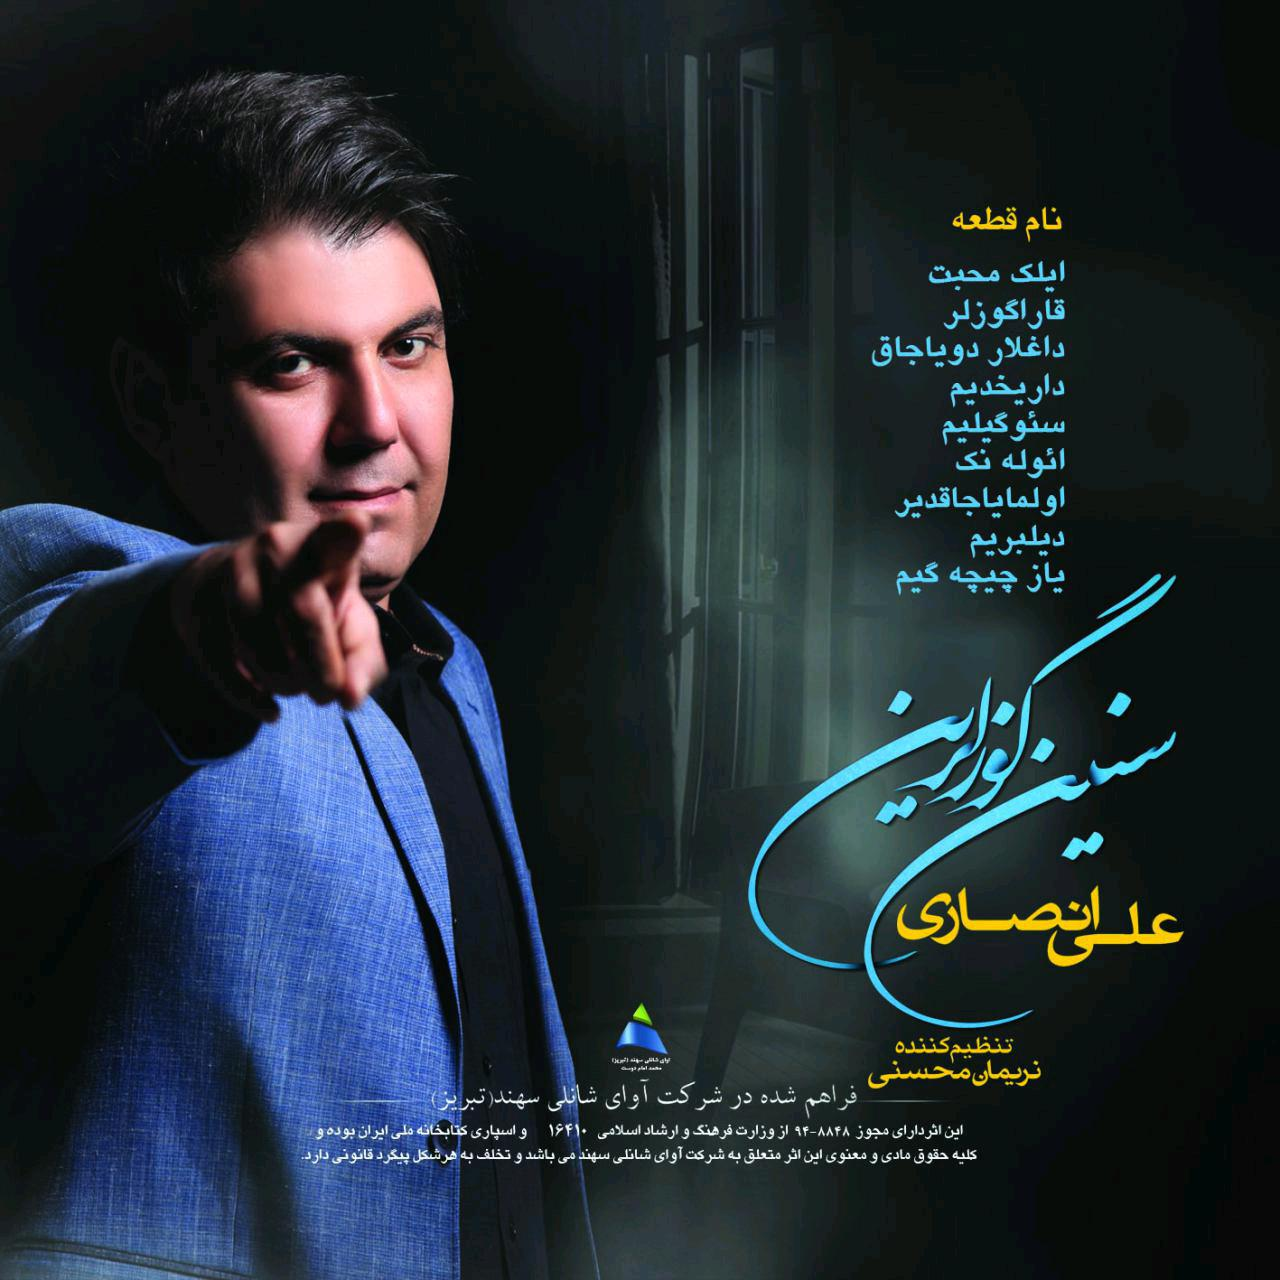 دانلود آلبوم جدید علی انصاری به نام سنین گوزلرین